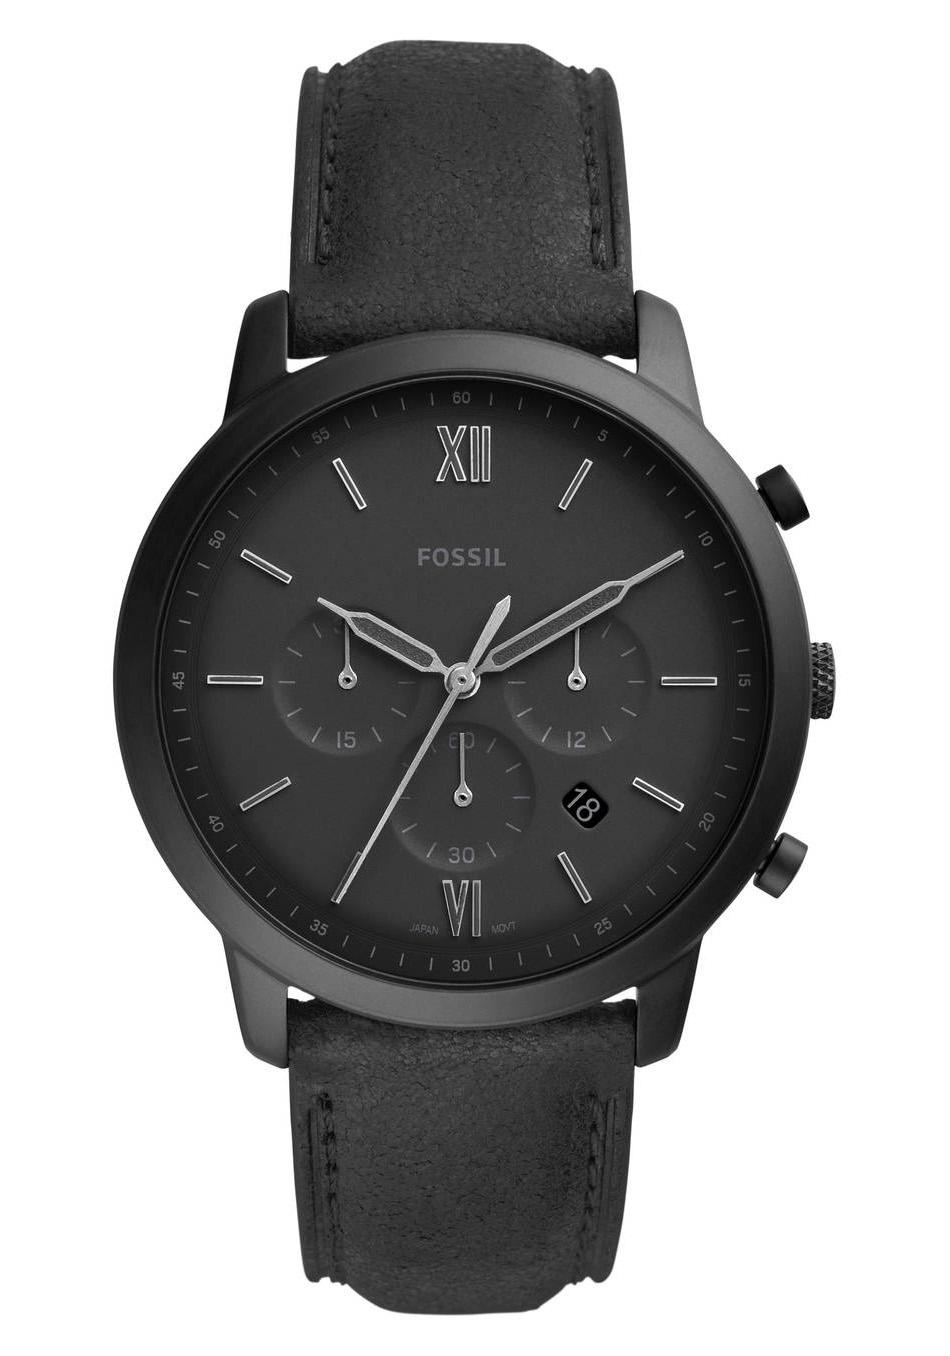 Fossil FS5503 Horloge Neutra Chrono staal leder 40 mm